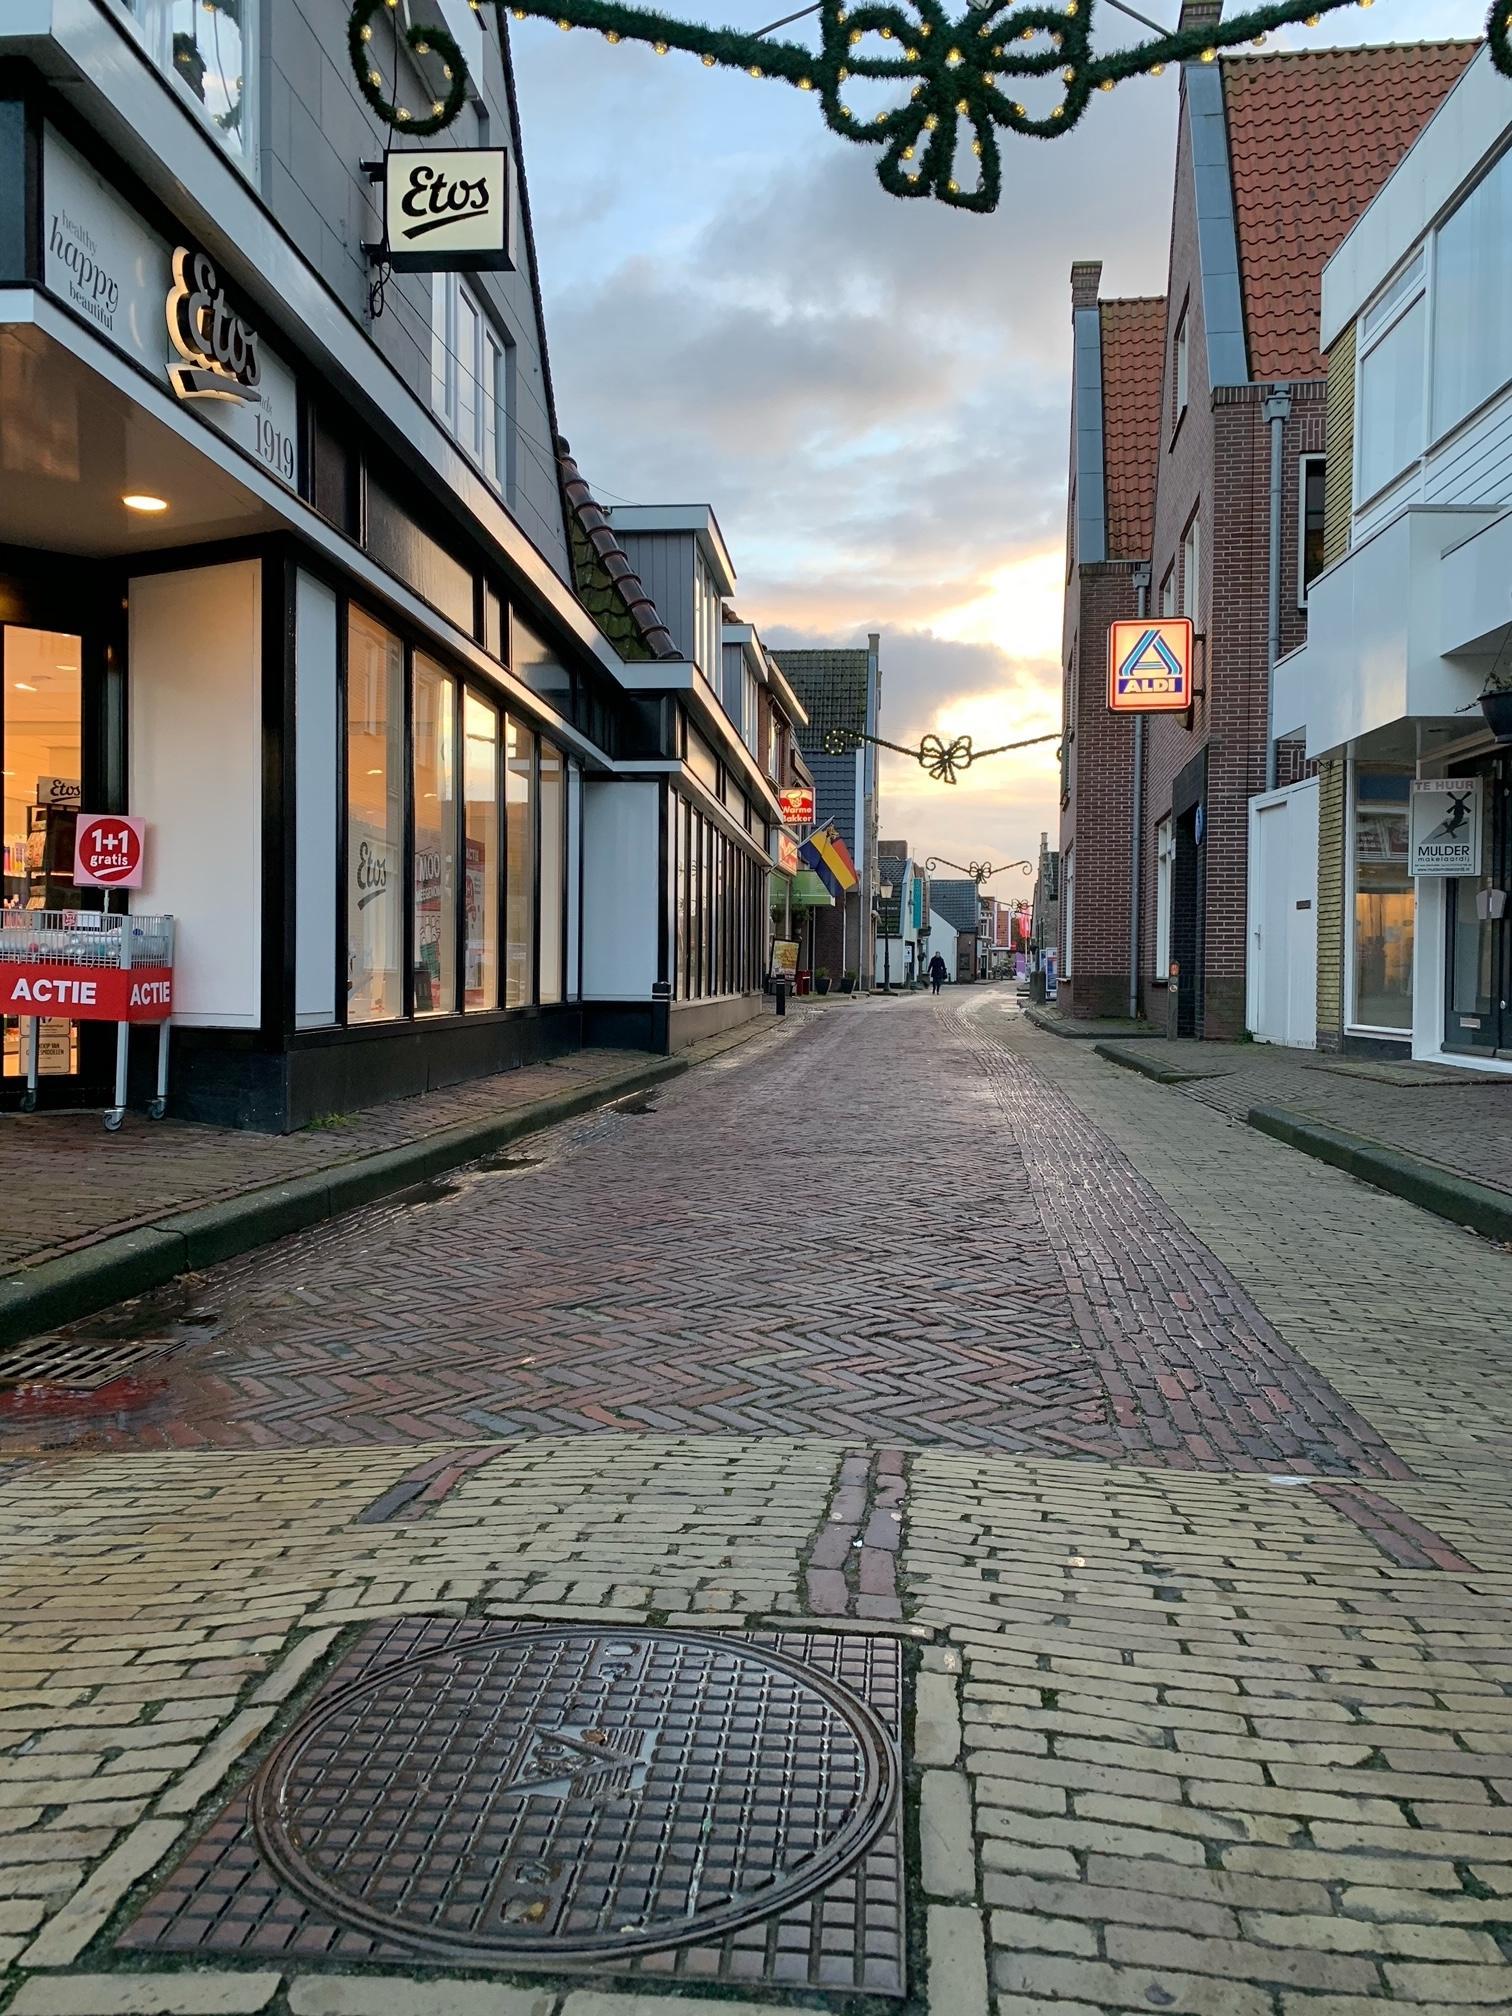 VVN-Wieringerland stapt uit overleg met gemeente. 'Met onze inbreng wordt te weinig gedaan'